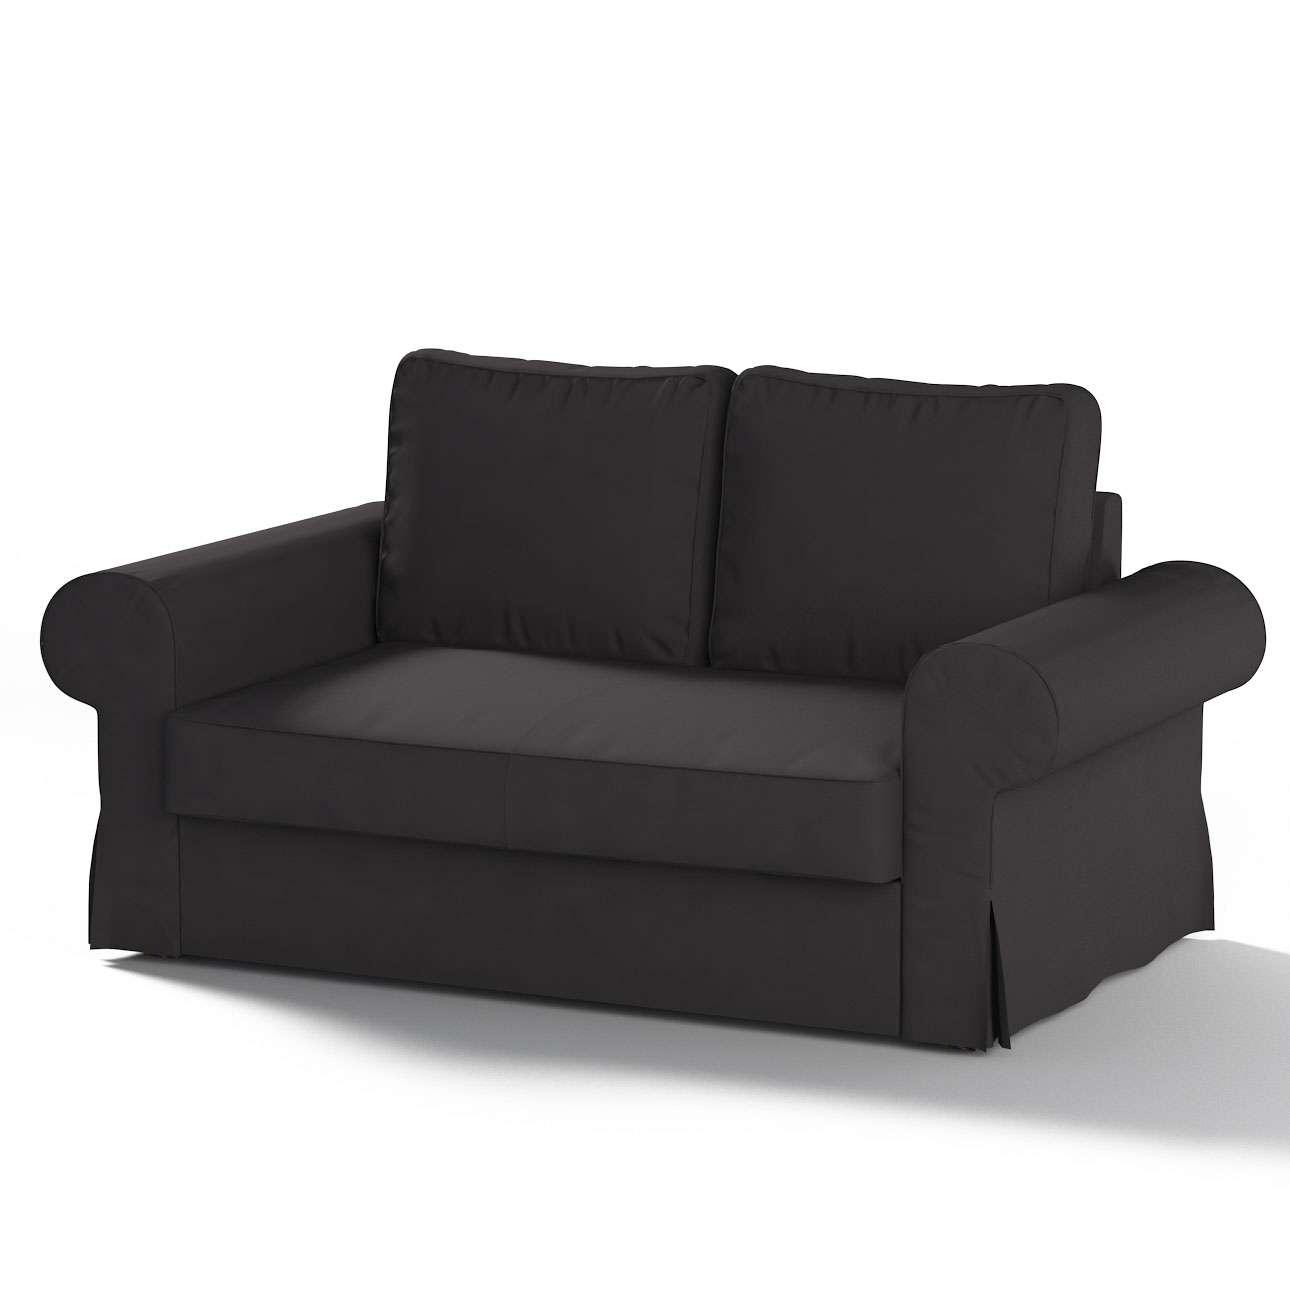 Pokrowiec na sofę Backabro 2-osobową rozkładaną sofa Backabro 2-osobowa rozkładana w kolekcji Cotton Panama, tkanina: 702-09